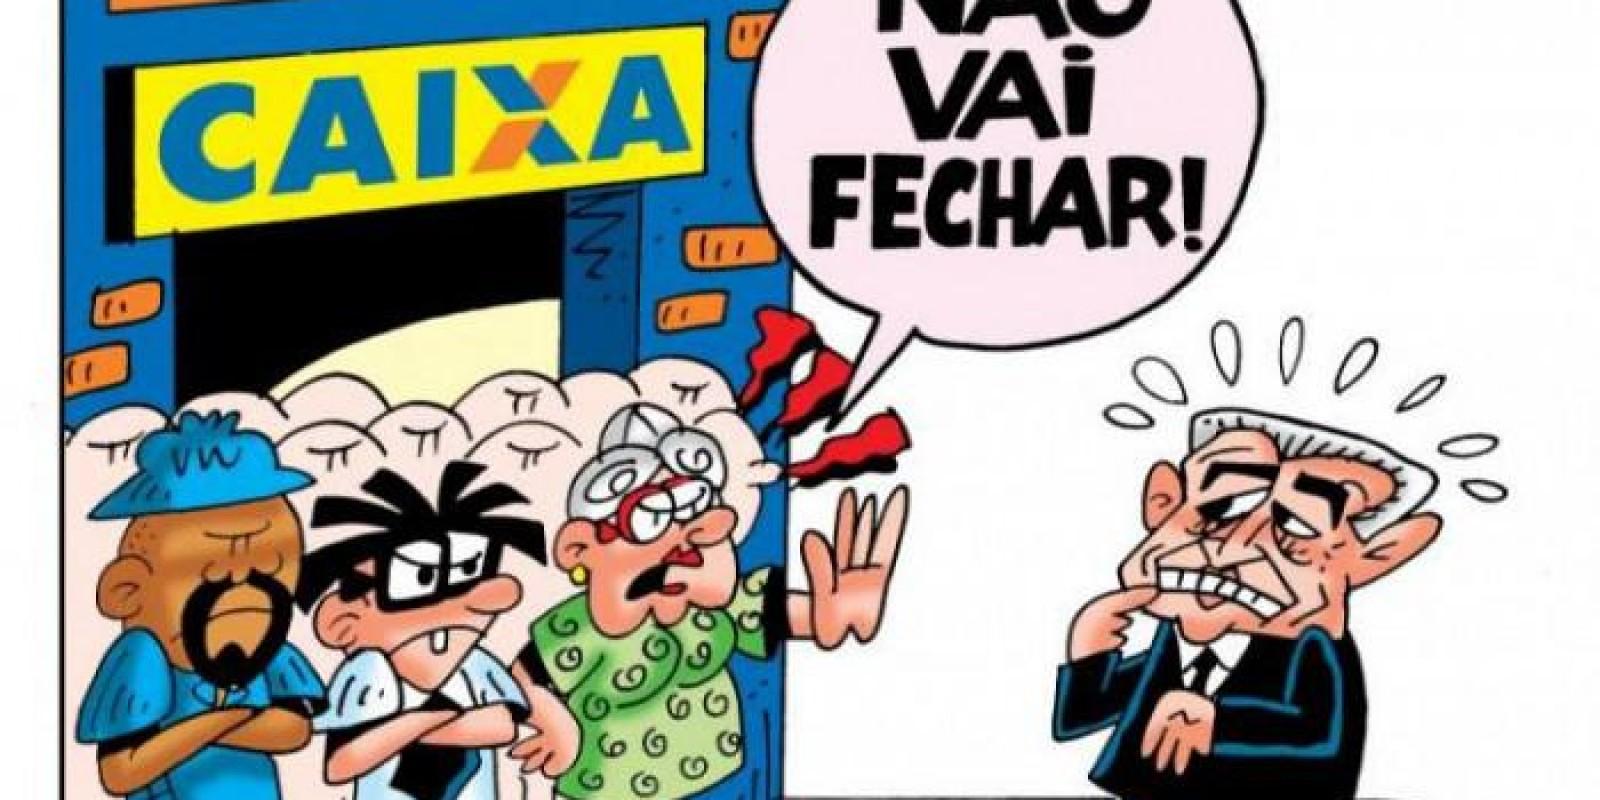 Megafesta da direção da Caixa é água no chopp do povo brasileiro